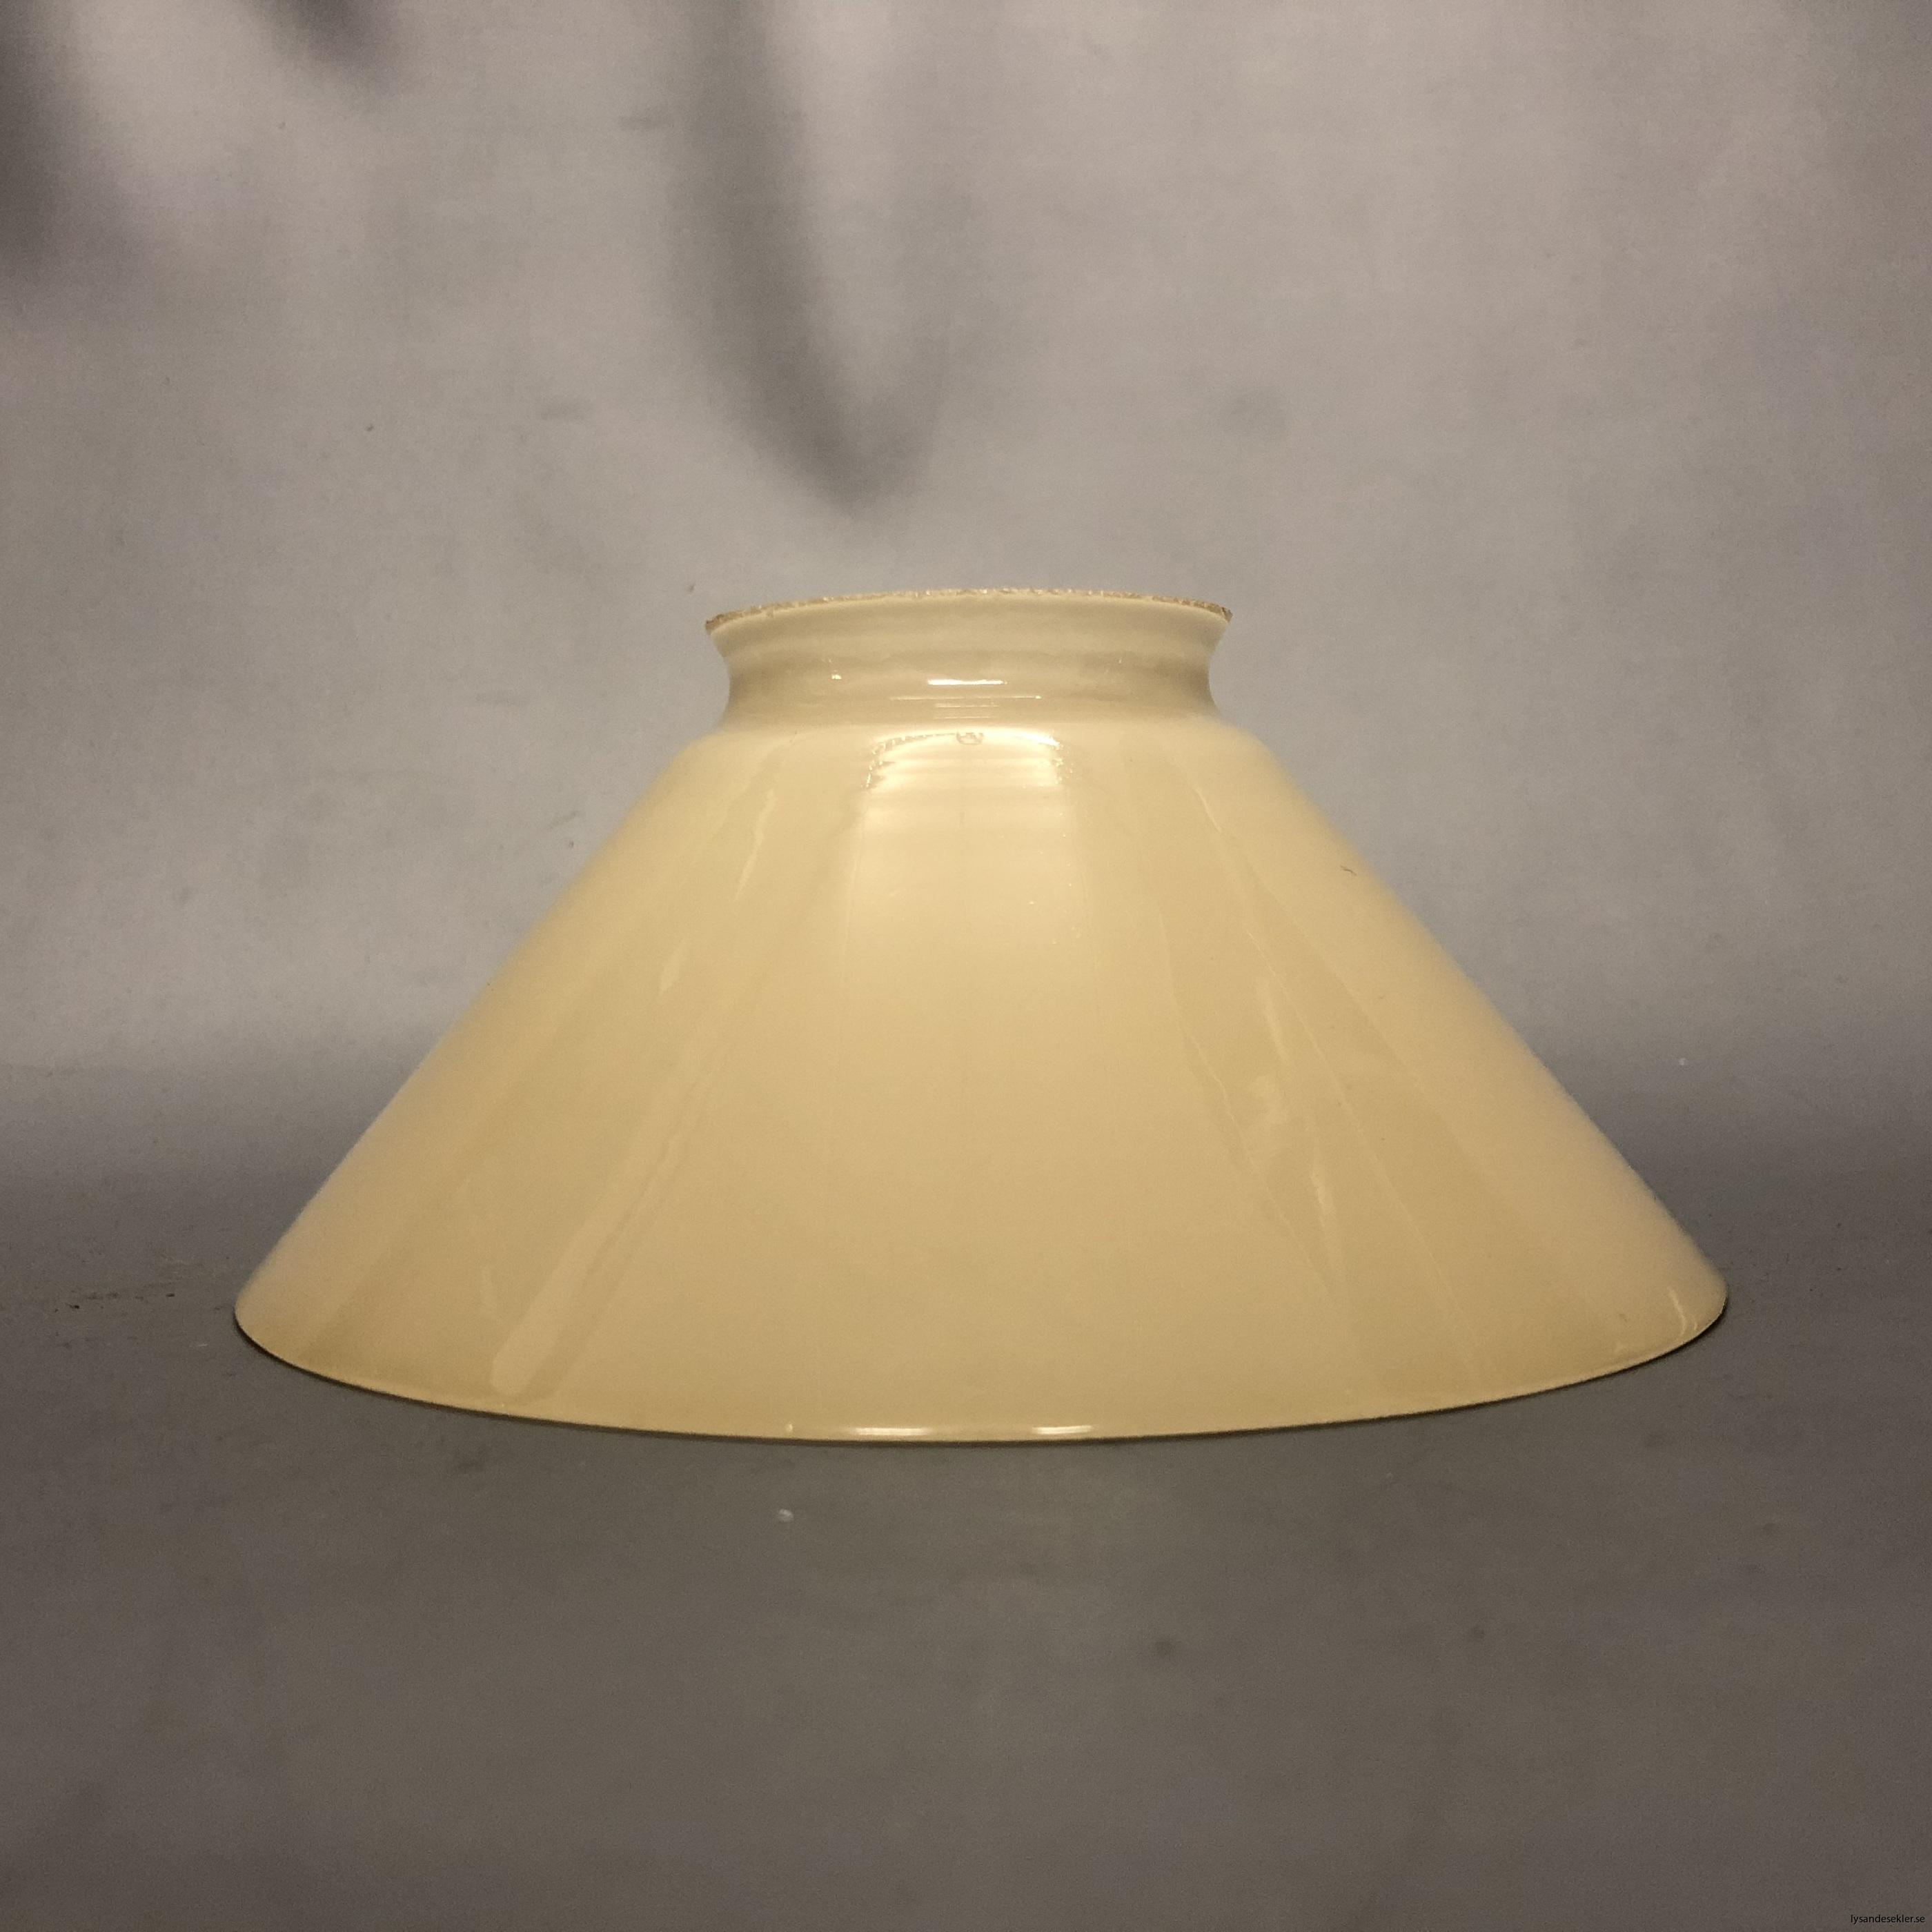 gul skomakarlampa skomakarelampa vanilj beige27